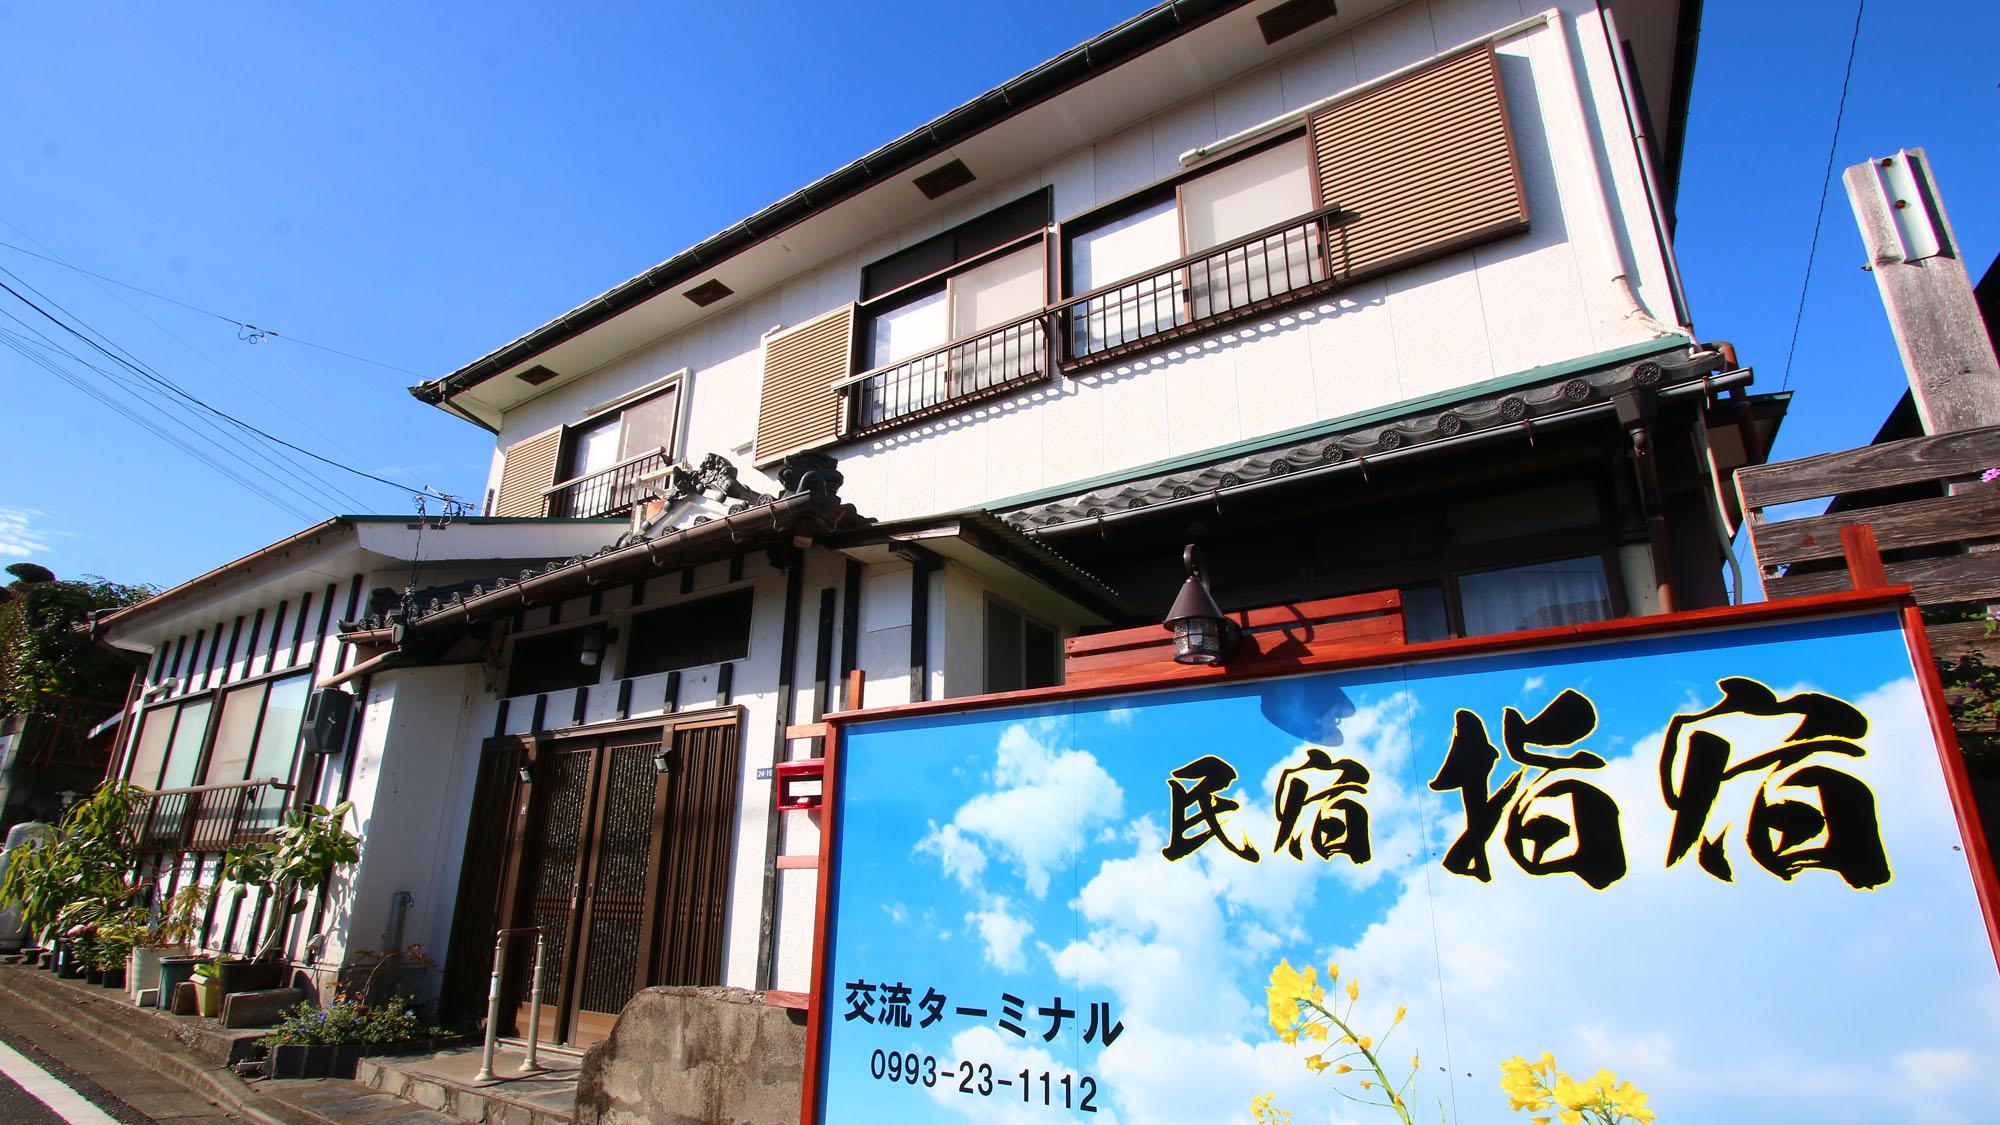 民宿 指宿 image